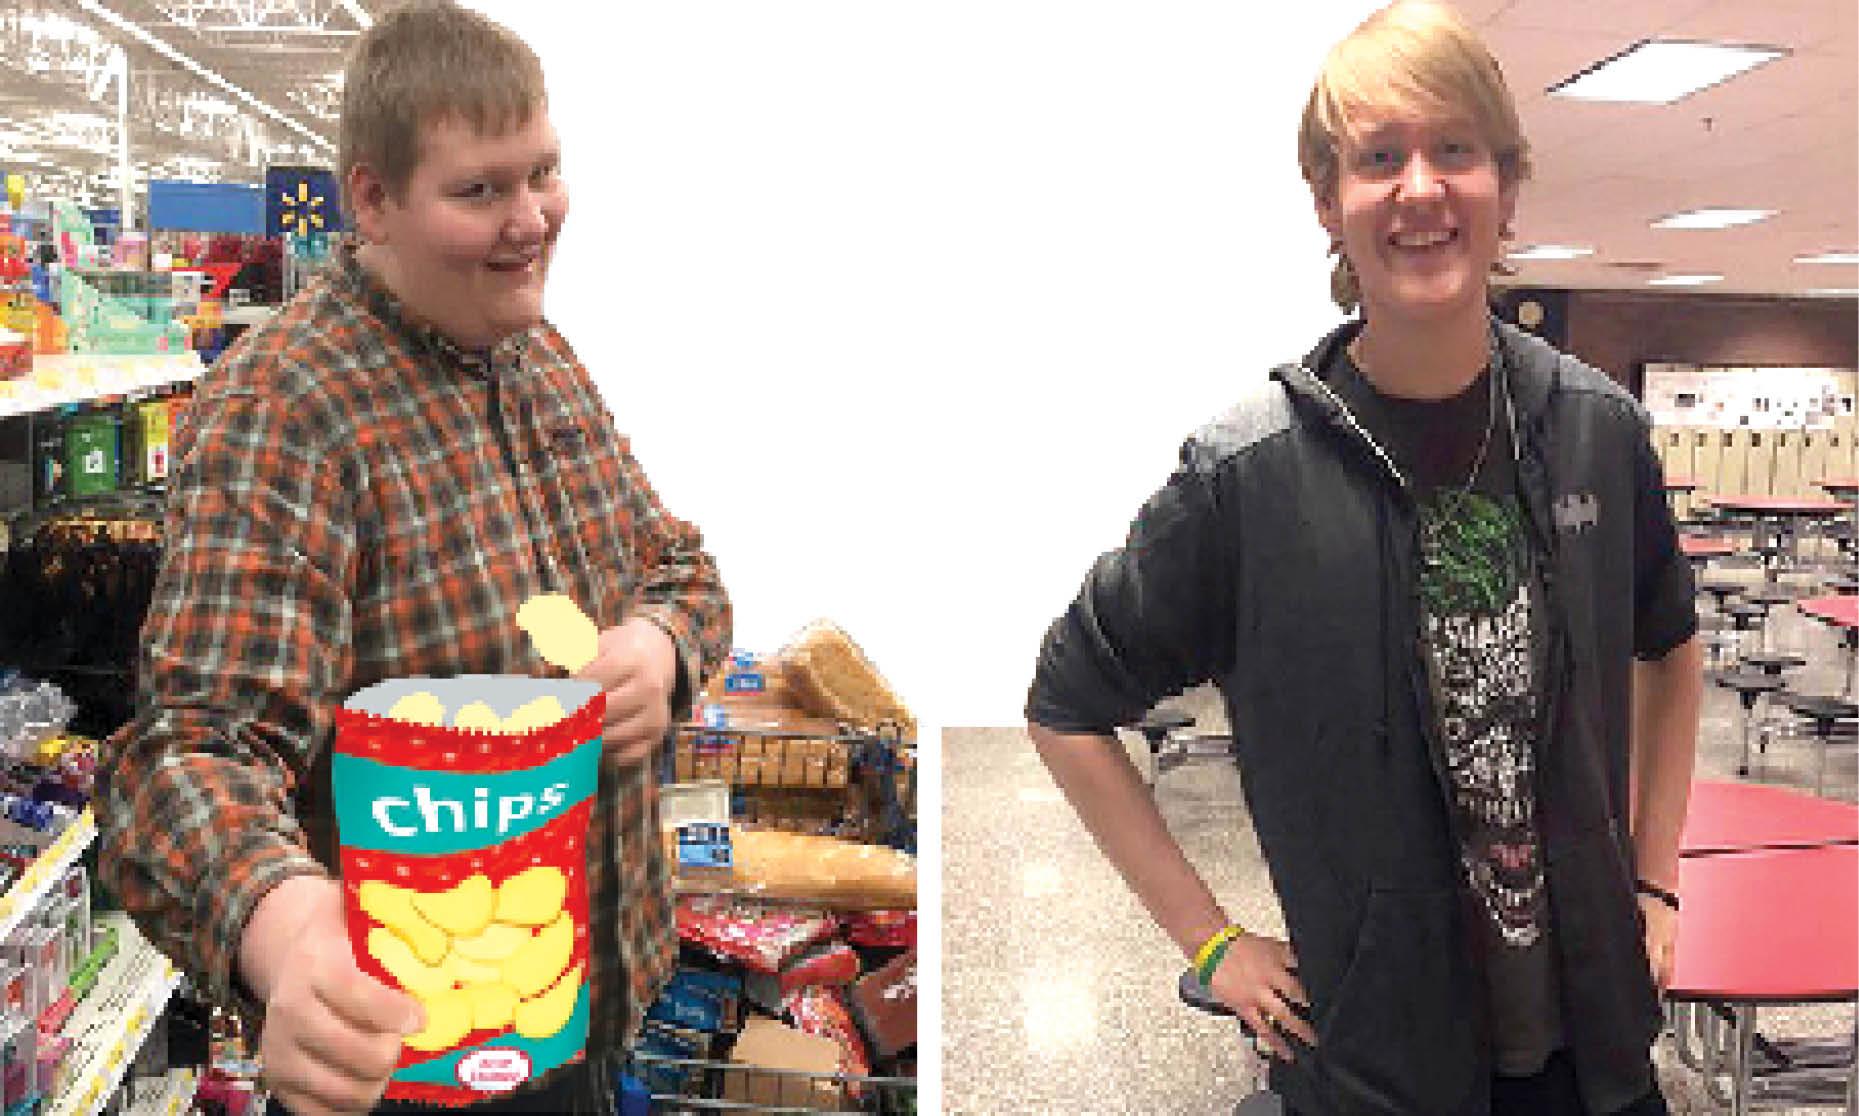 فرمول موفقیت نوجوانی که توانست ۴۶ کیلوگرم کم کند